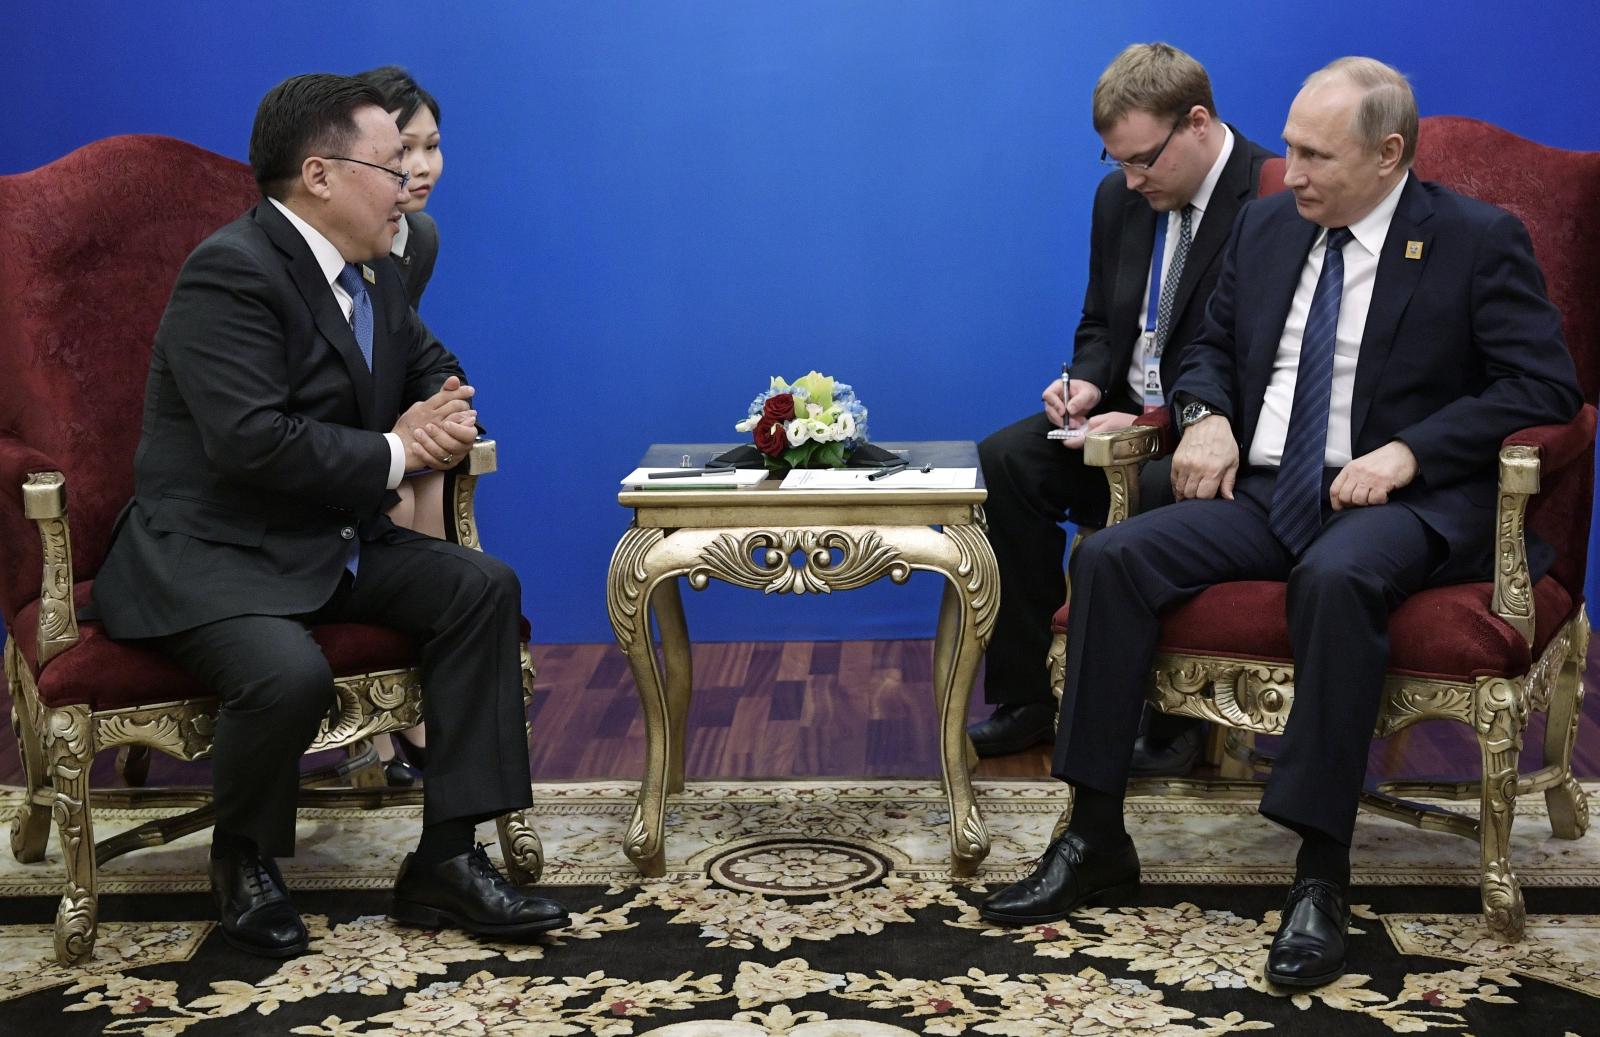 Spotkanie prezydentów Mongolii i Rosji, fot: PAP/EPA, Alexei Nikolsky